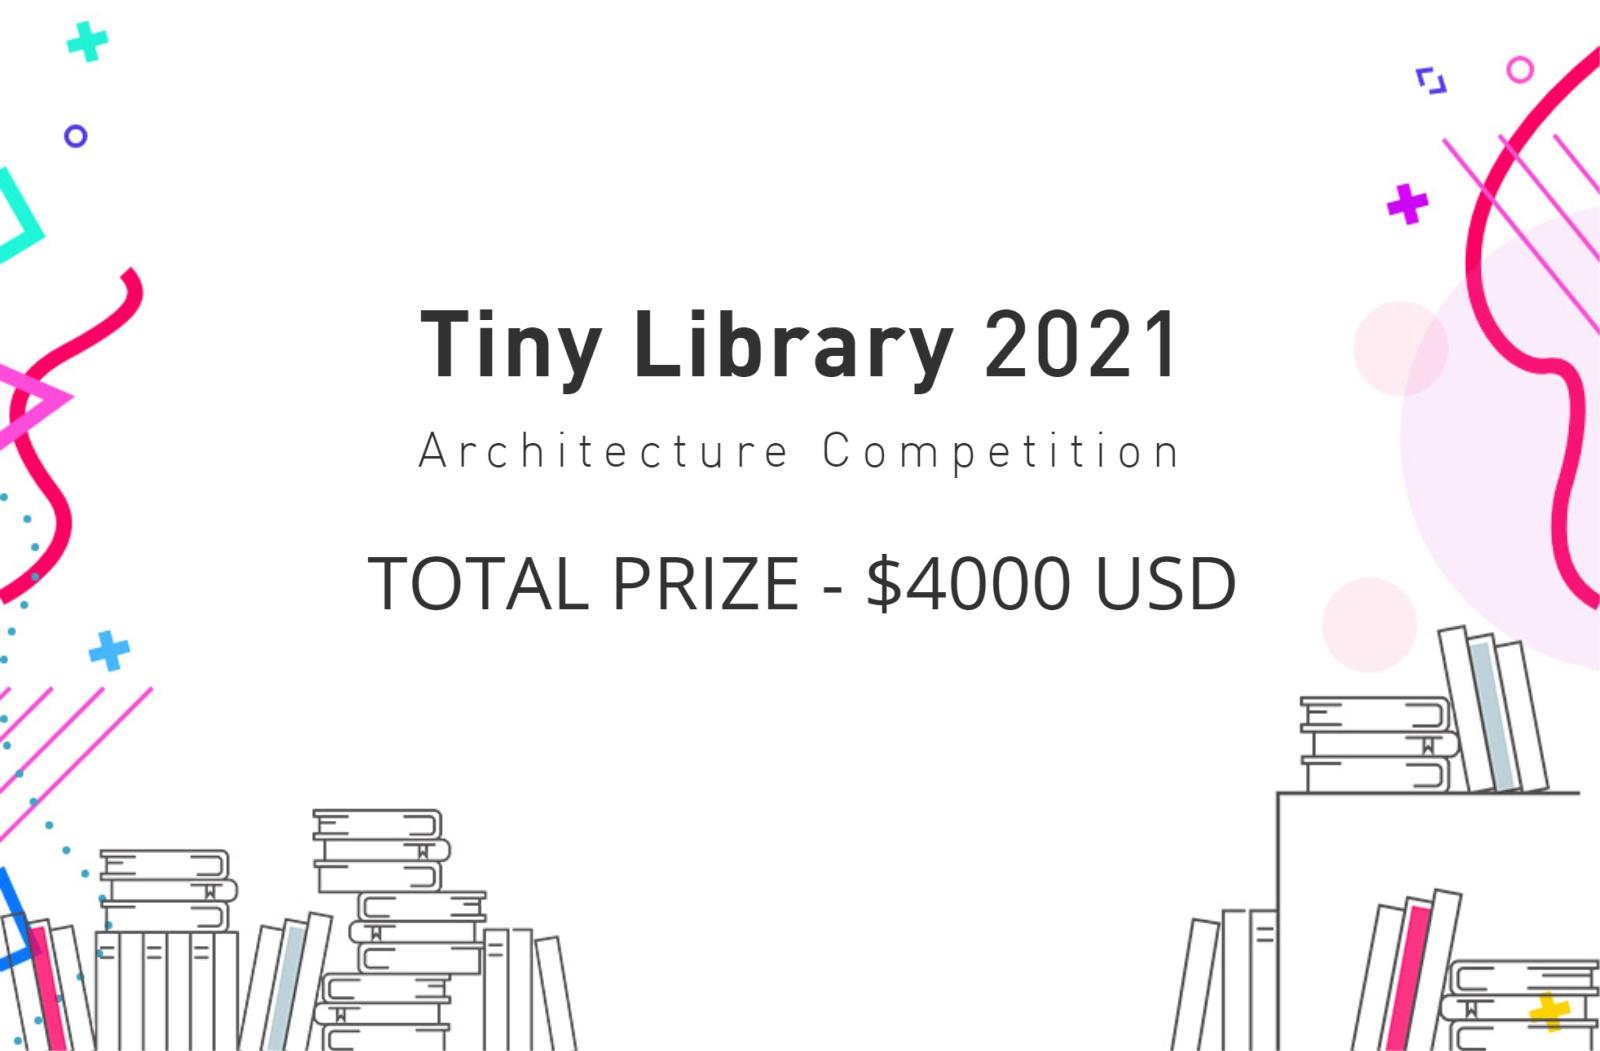 Tiny Library 2021